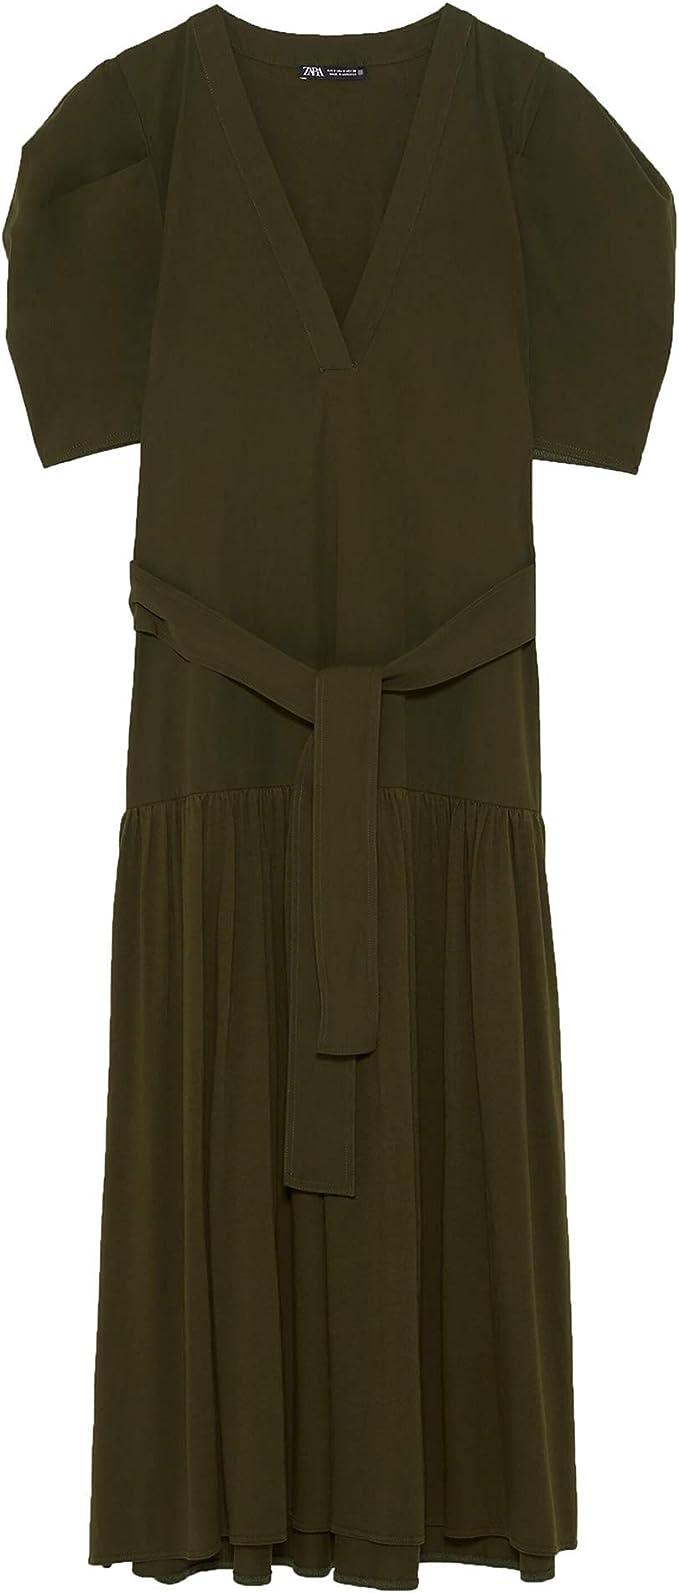 Zara 0387/155 Vestido rústico a Rayas para Mujer - Marfil - X ...